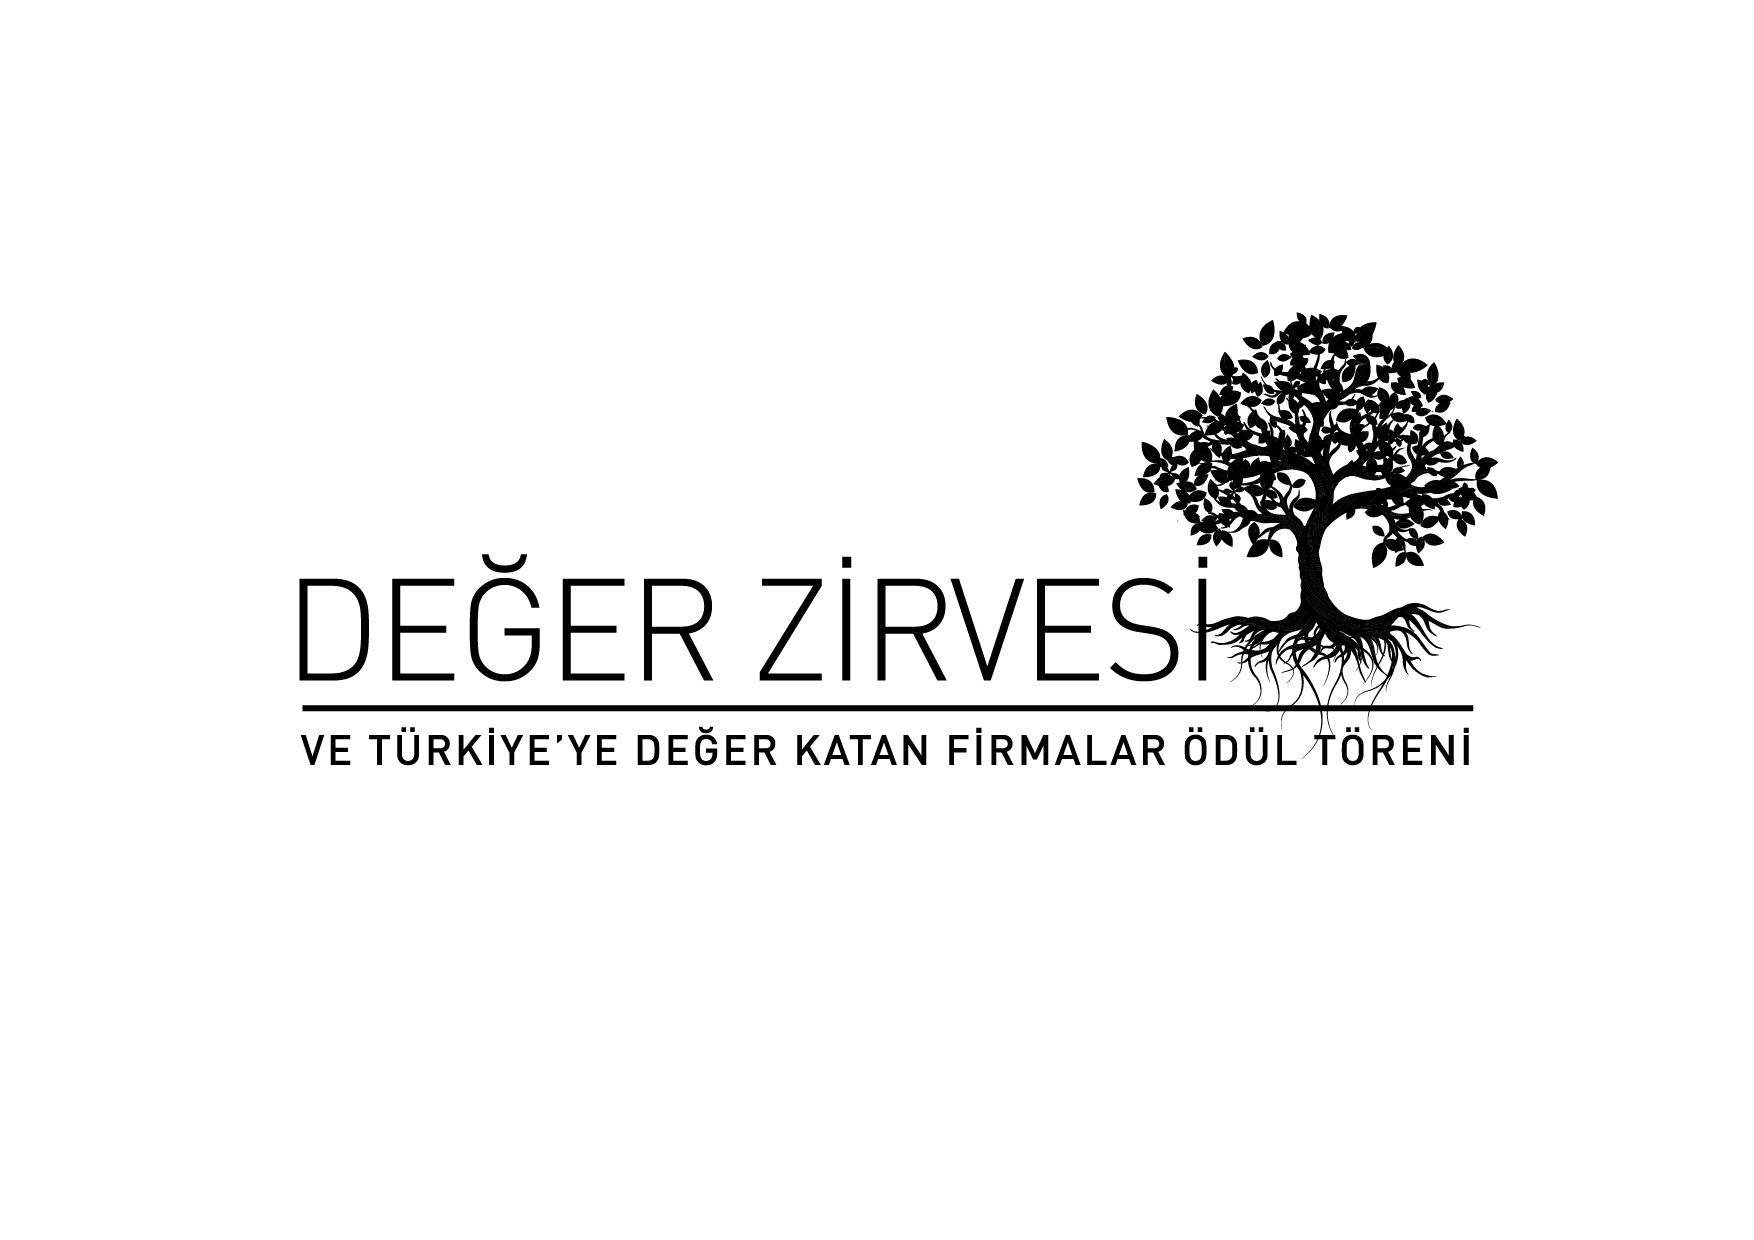 TÜRKİYE'NİN DEĞERLERİ DEĞER ZİRVESİ'NDE BULUŞUYOR